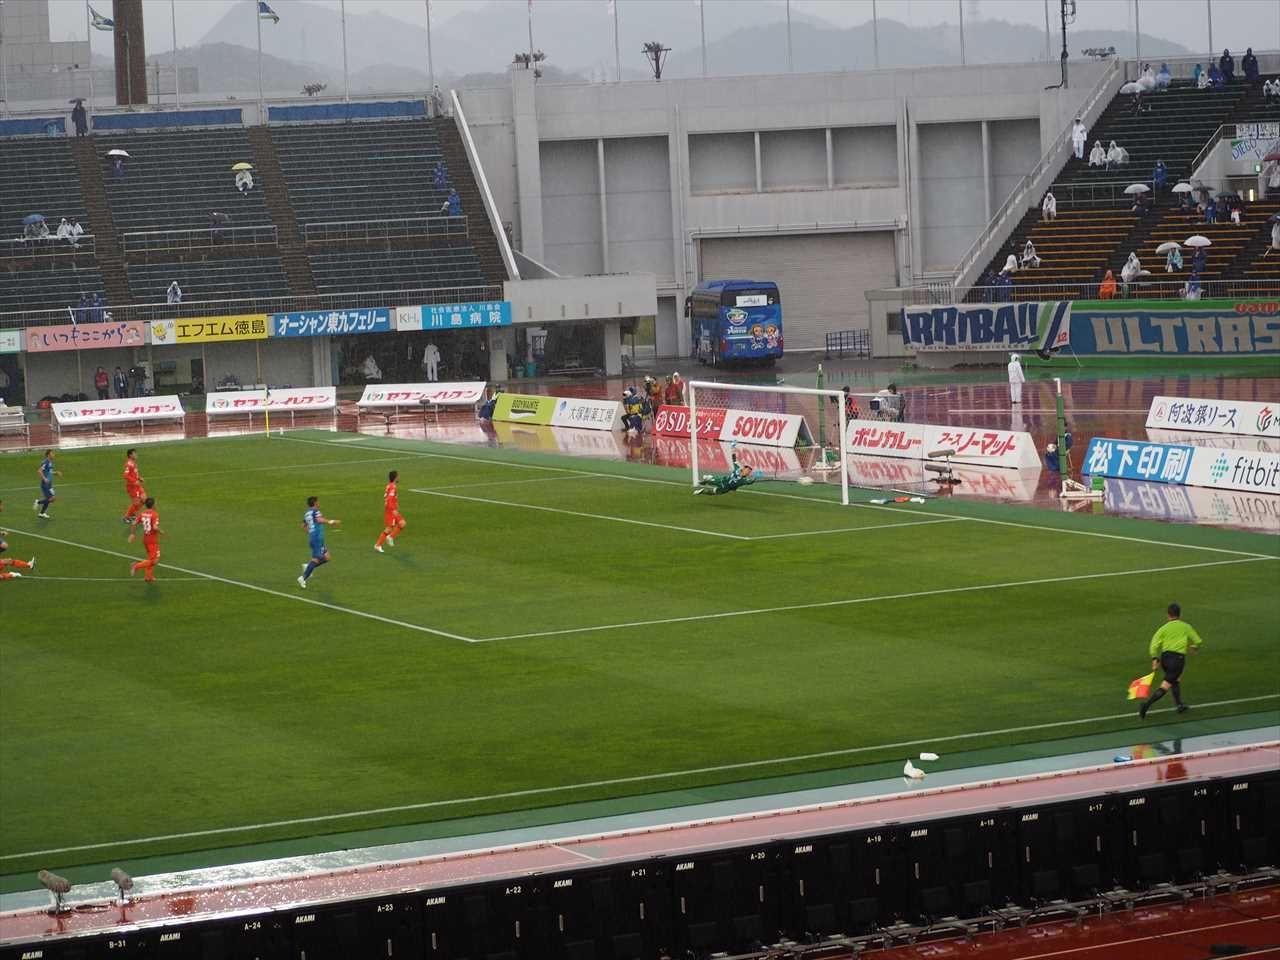 野村直輝 四国ダービー2019 2019年4月14日 徳島ヴォルティス 愛媛FC